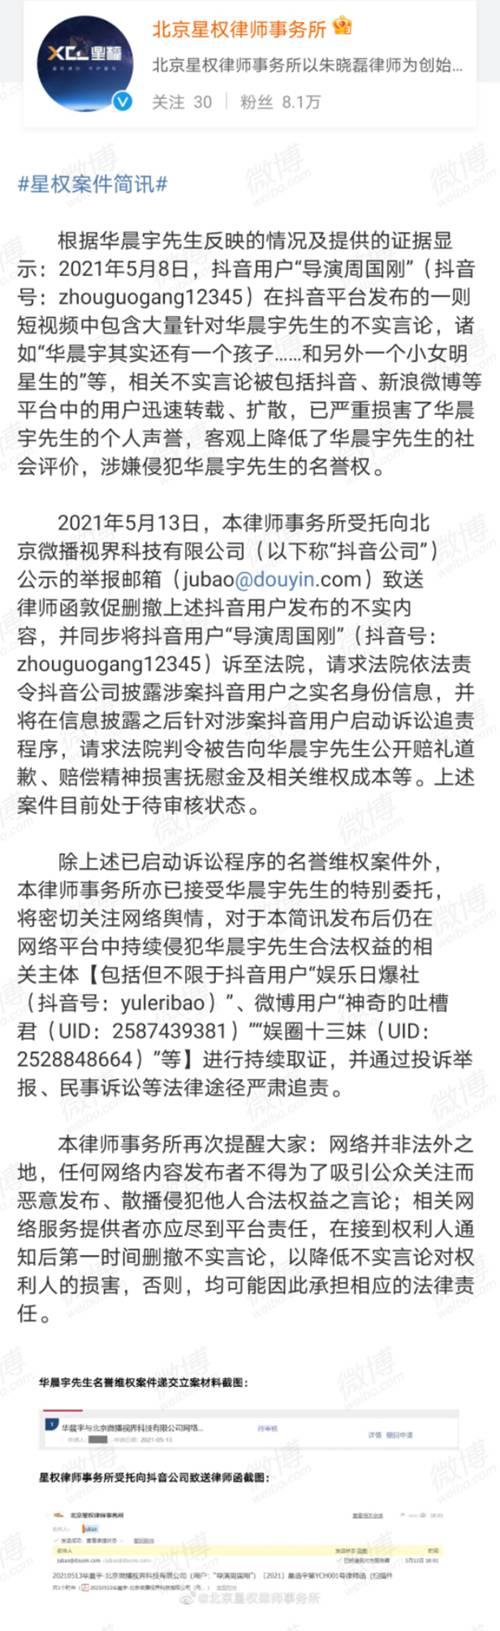 华晨宇方起诉造谣者现已立案 表态将追责到底